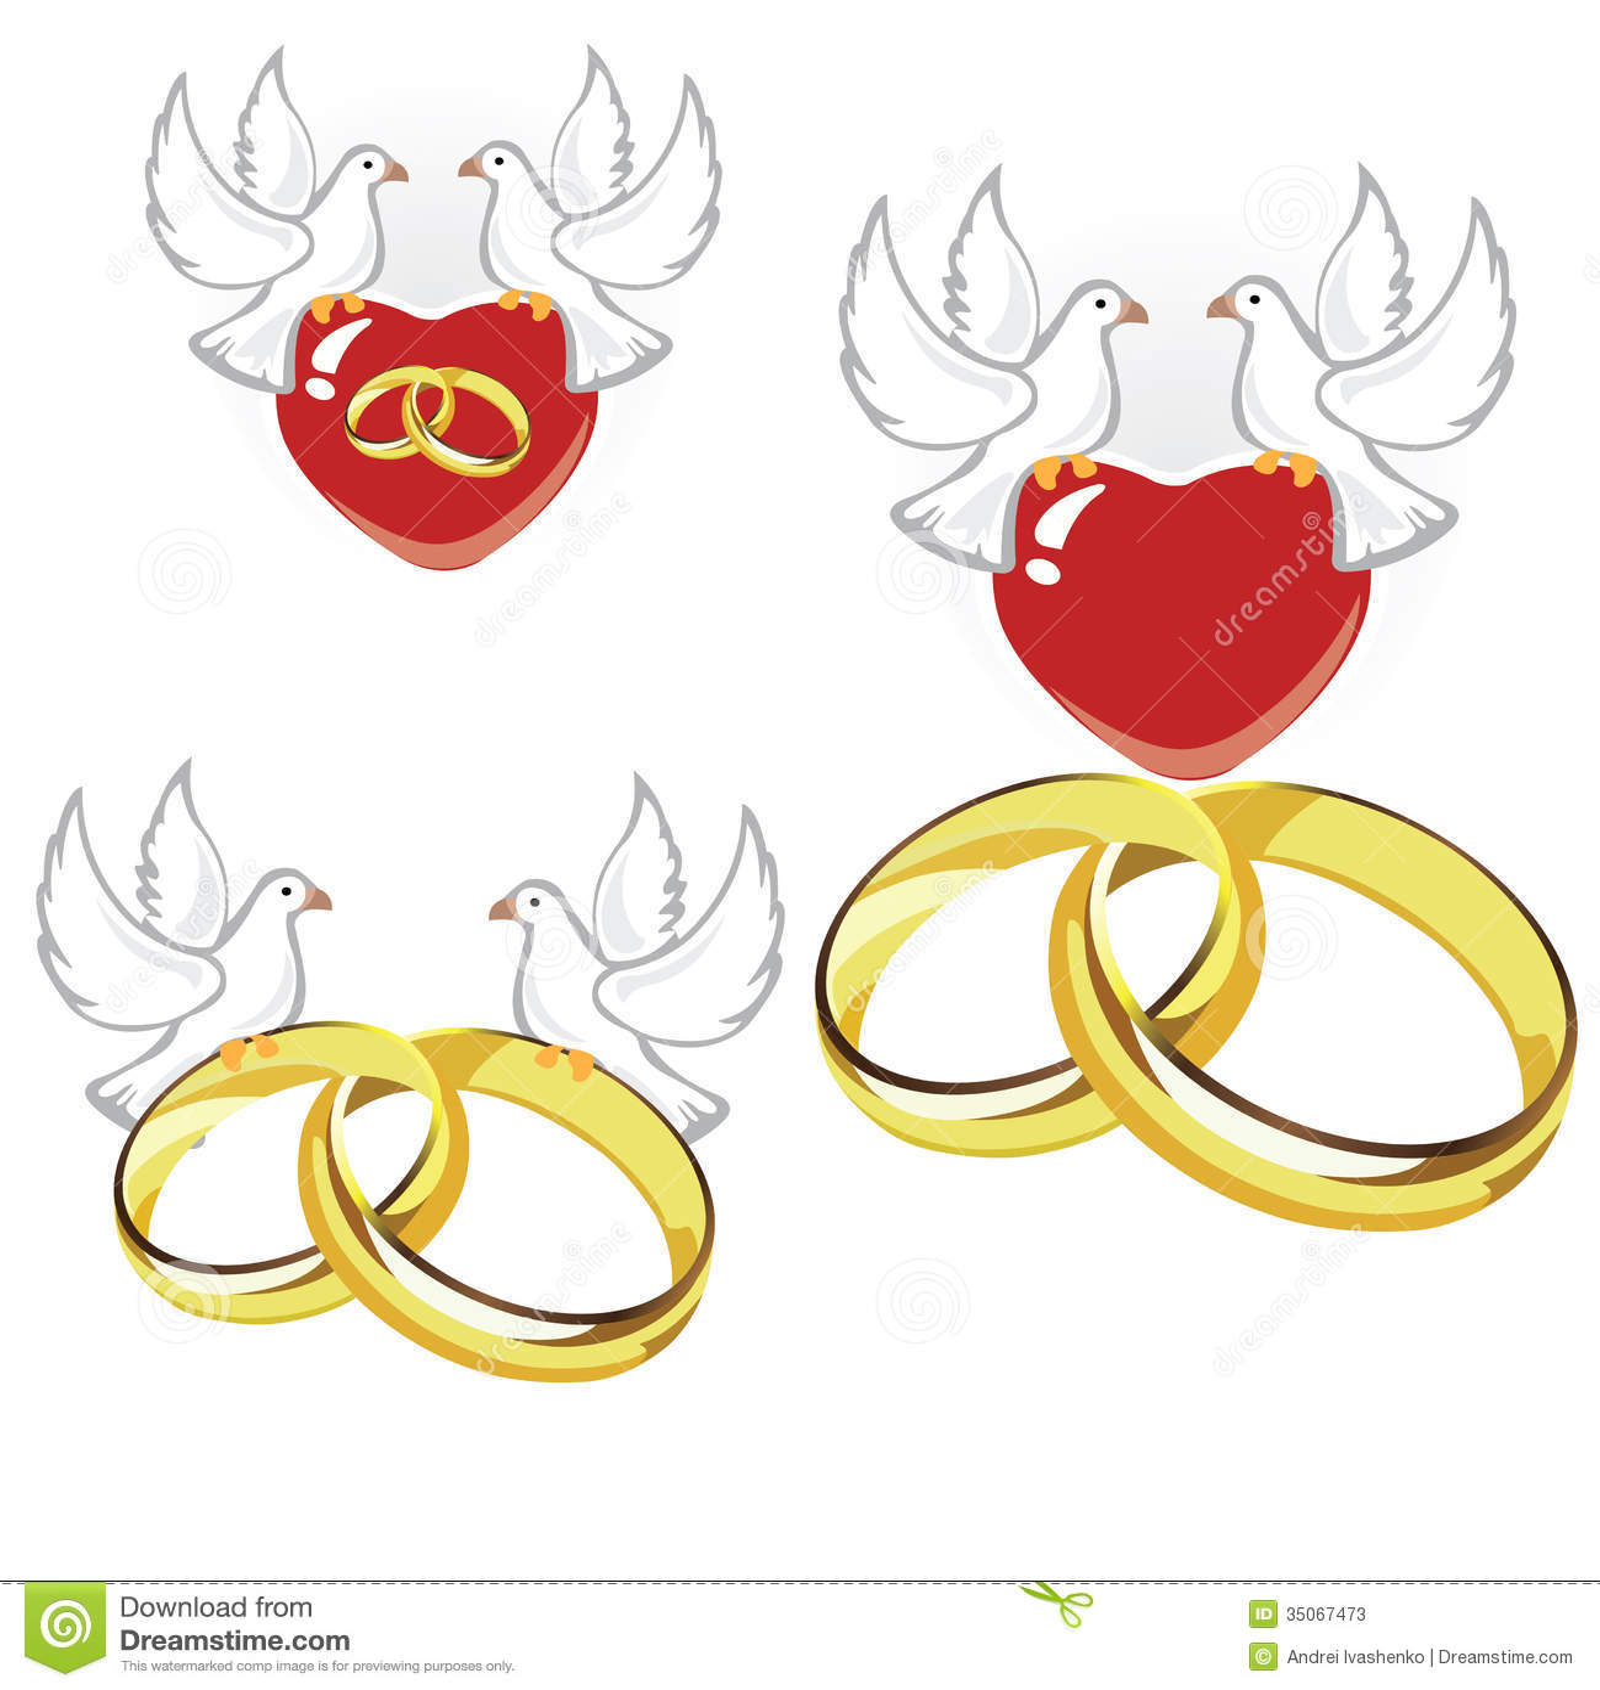 Anneaux, coeurs et colombes de mariage. Illustration de vecteur.